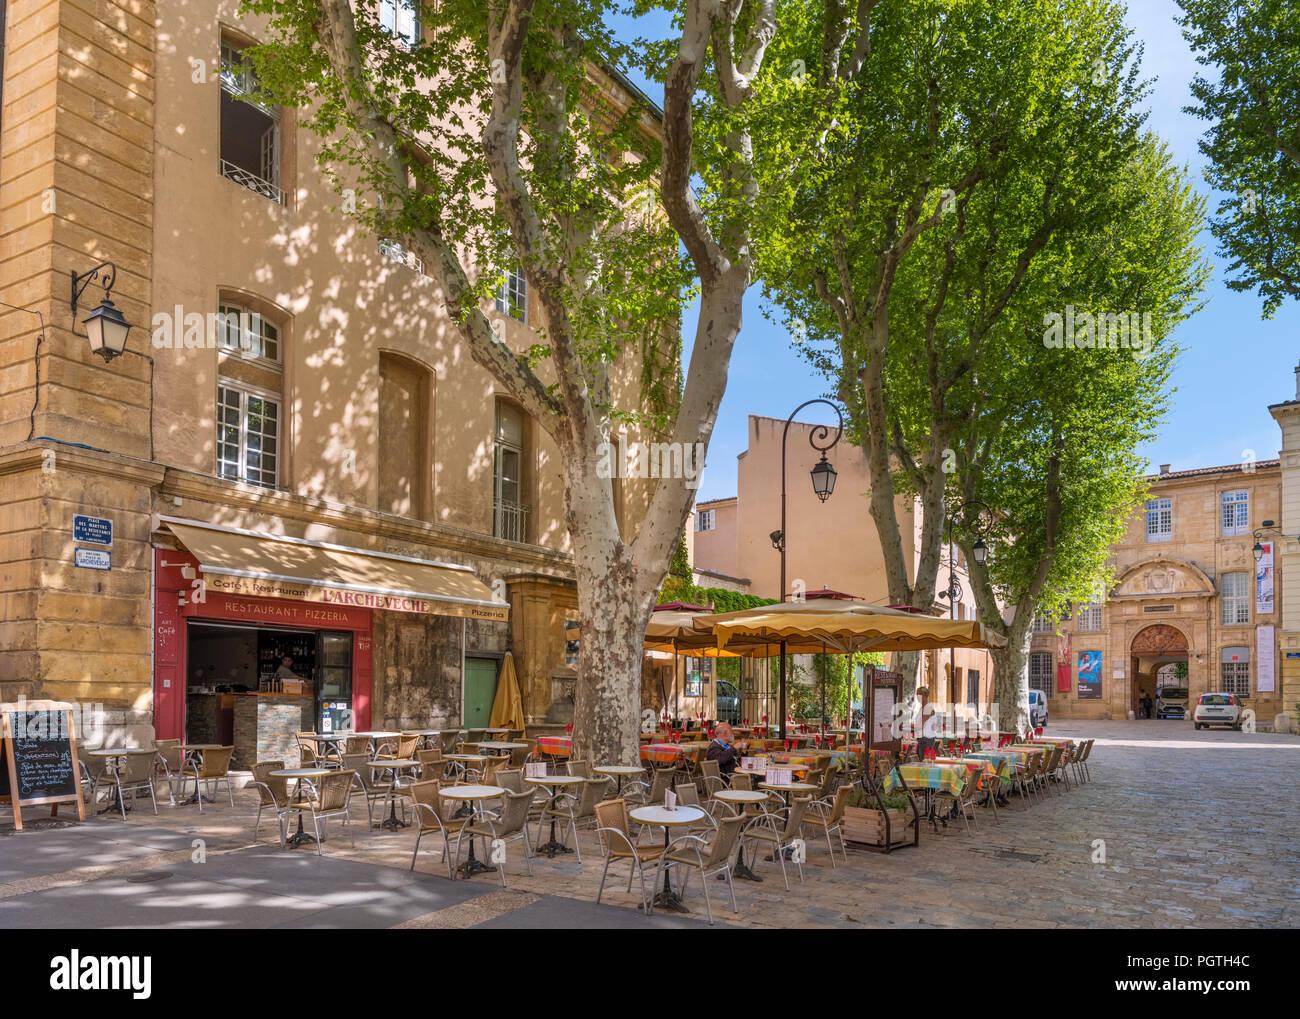 Aix en Provence, cafe. L'Archeveche restaurant/cafe on Place des martyrs de la Resistance, Aix-en-Provence, Provence, France - Stock Image